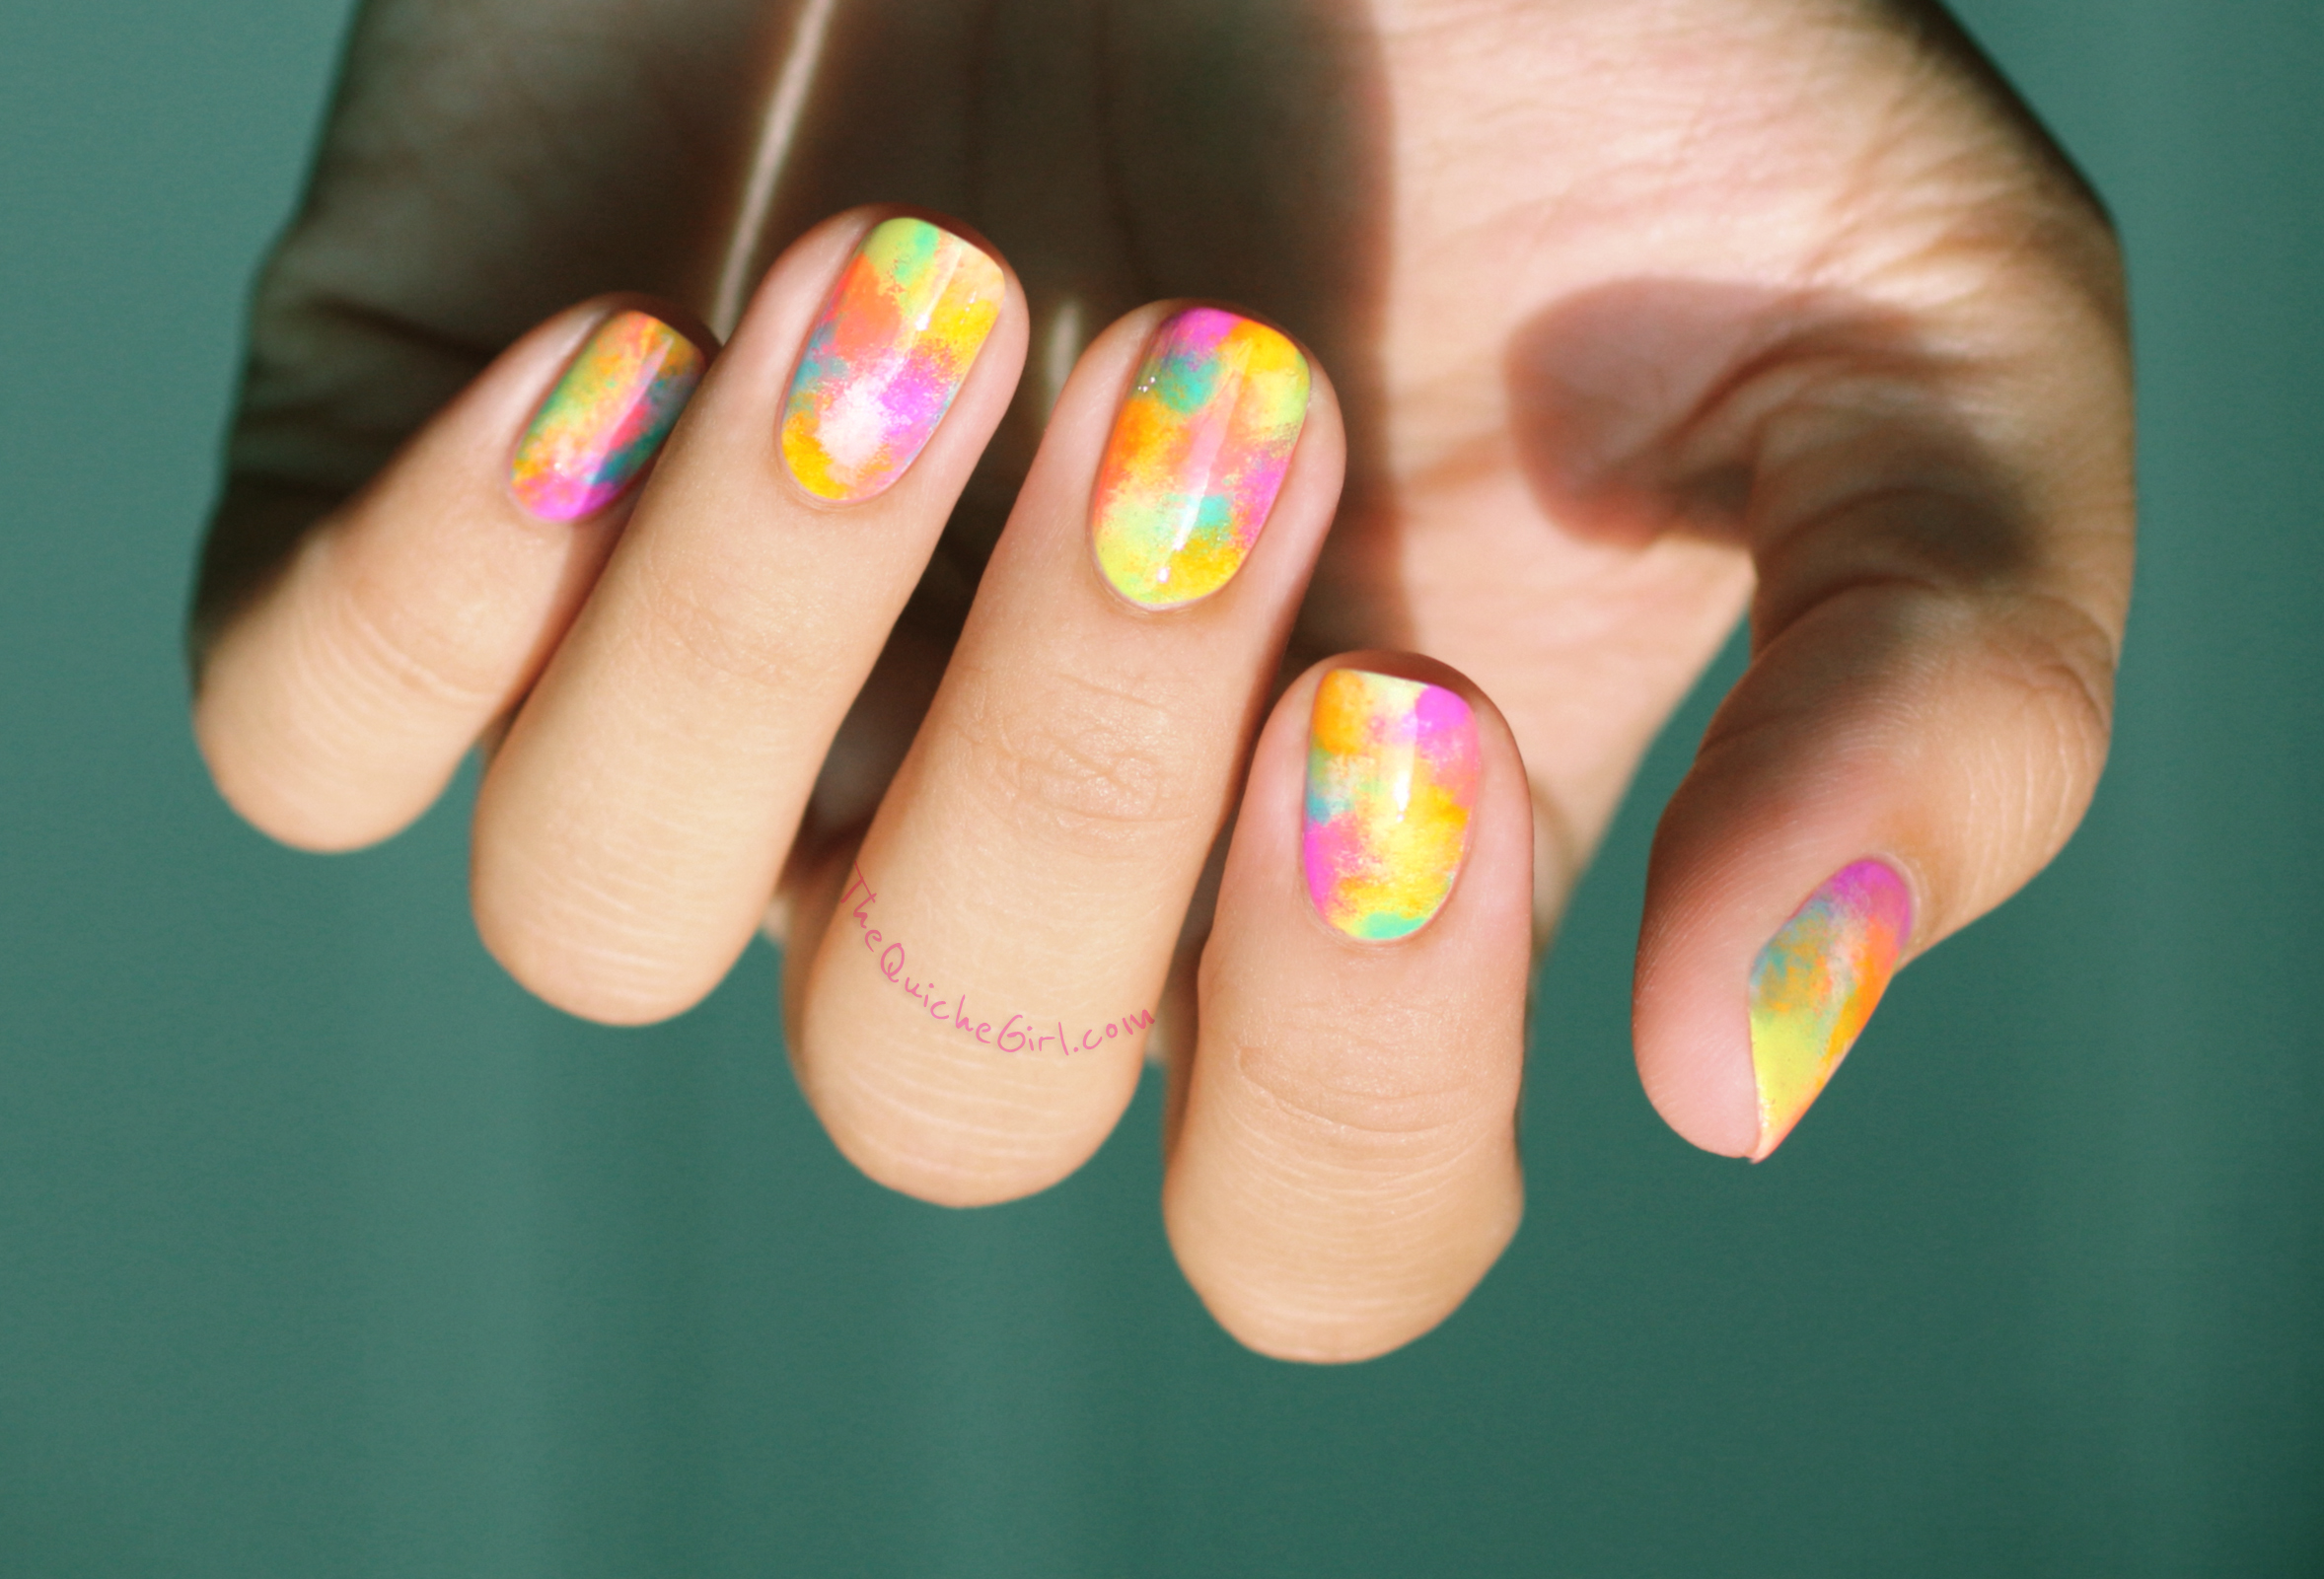 abstract, neon, eponge, OPI, China Glaze, QuicheGirl